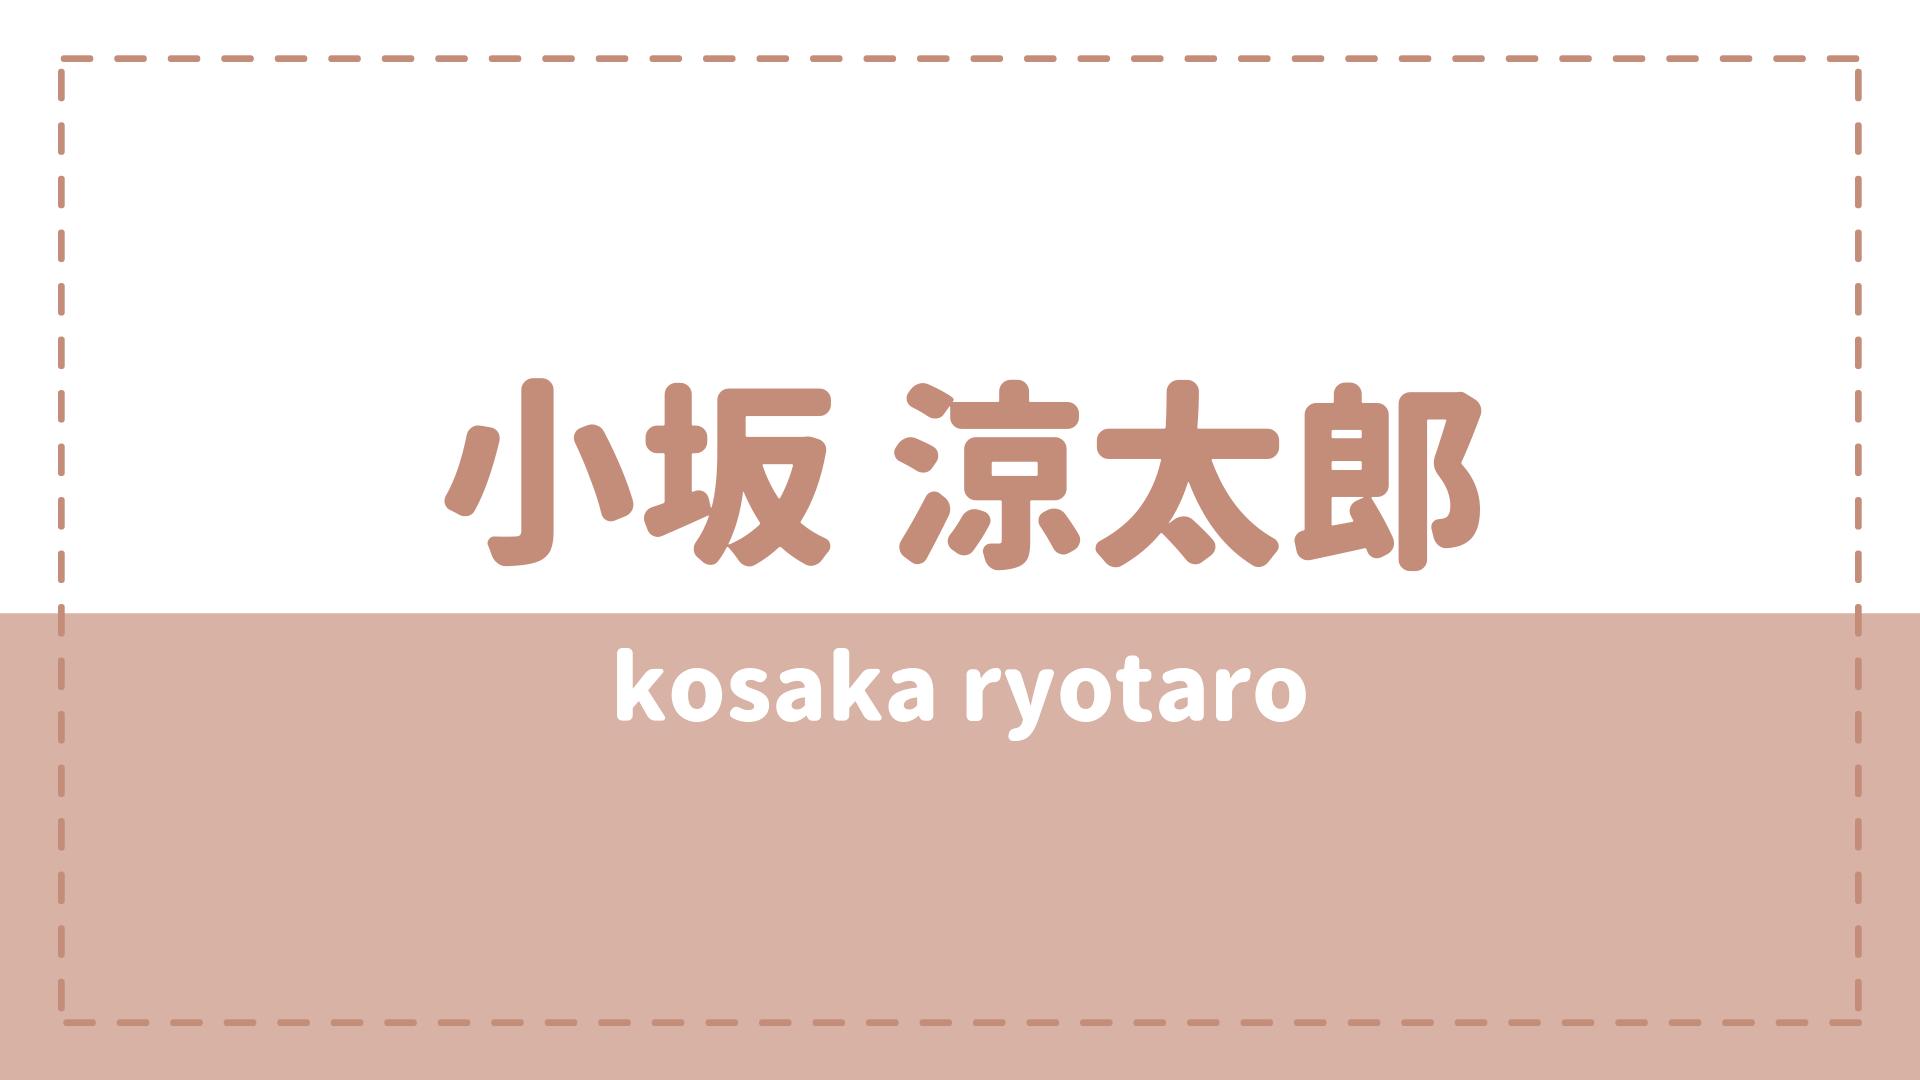 小坂涼太郎はカノバレ炎上した?彼女や好きなタイプが気になる